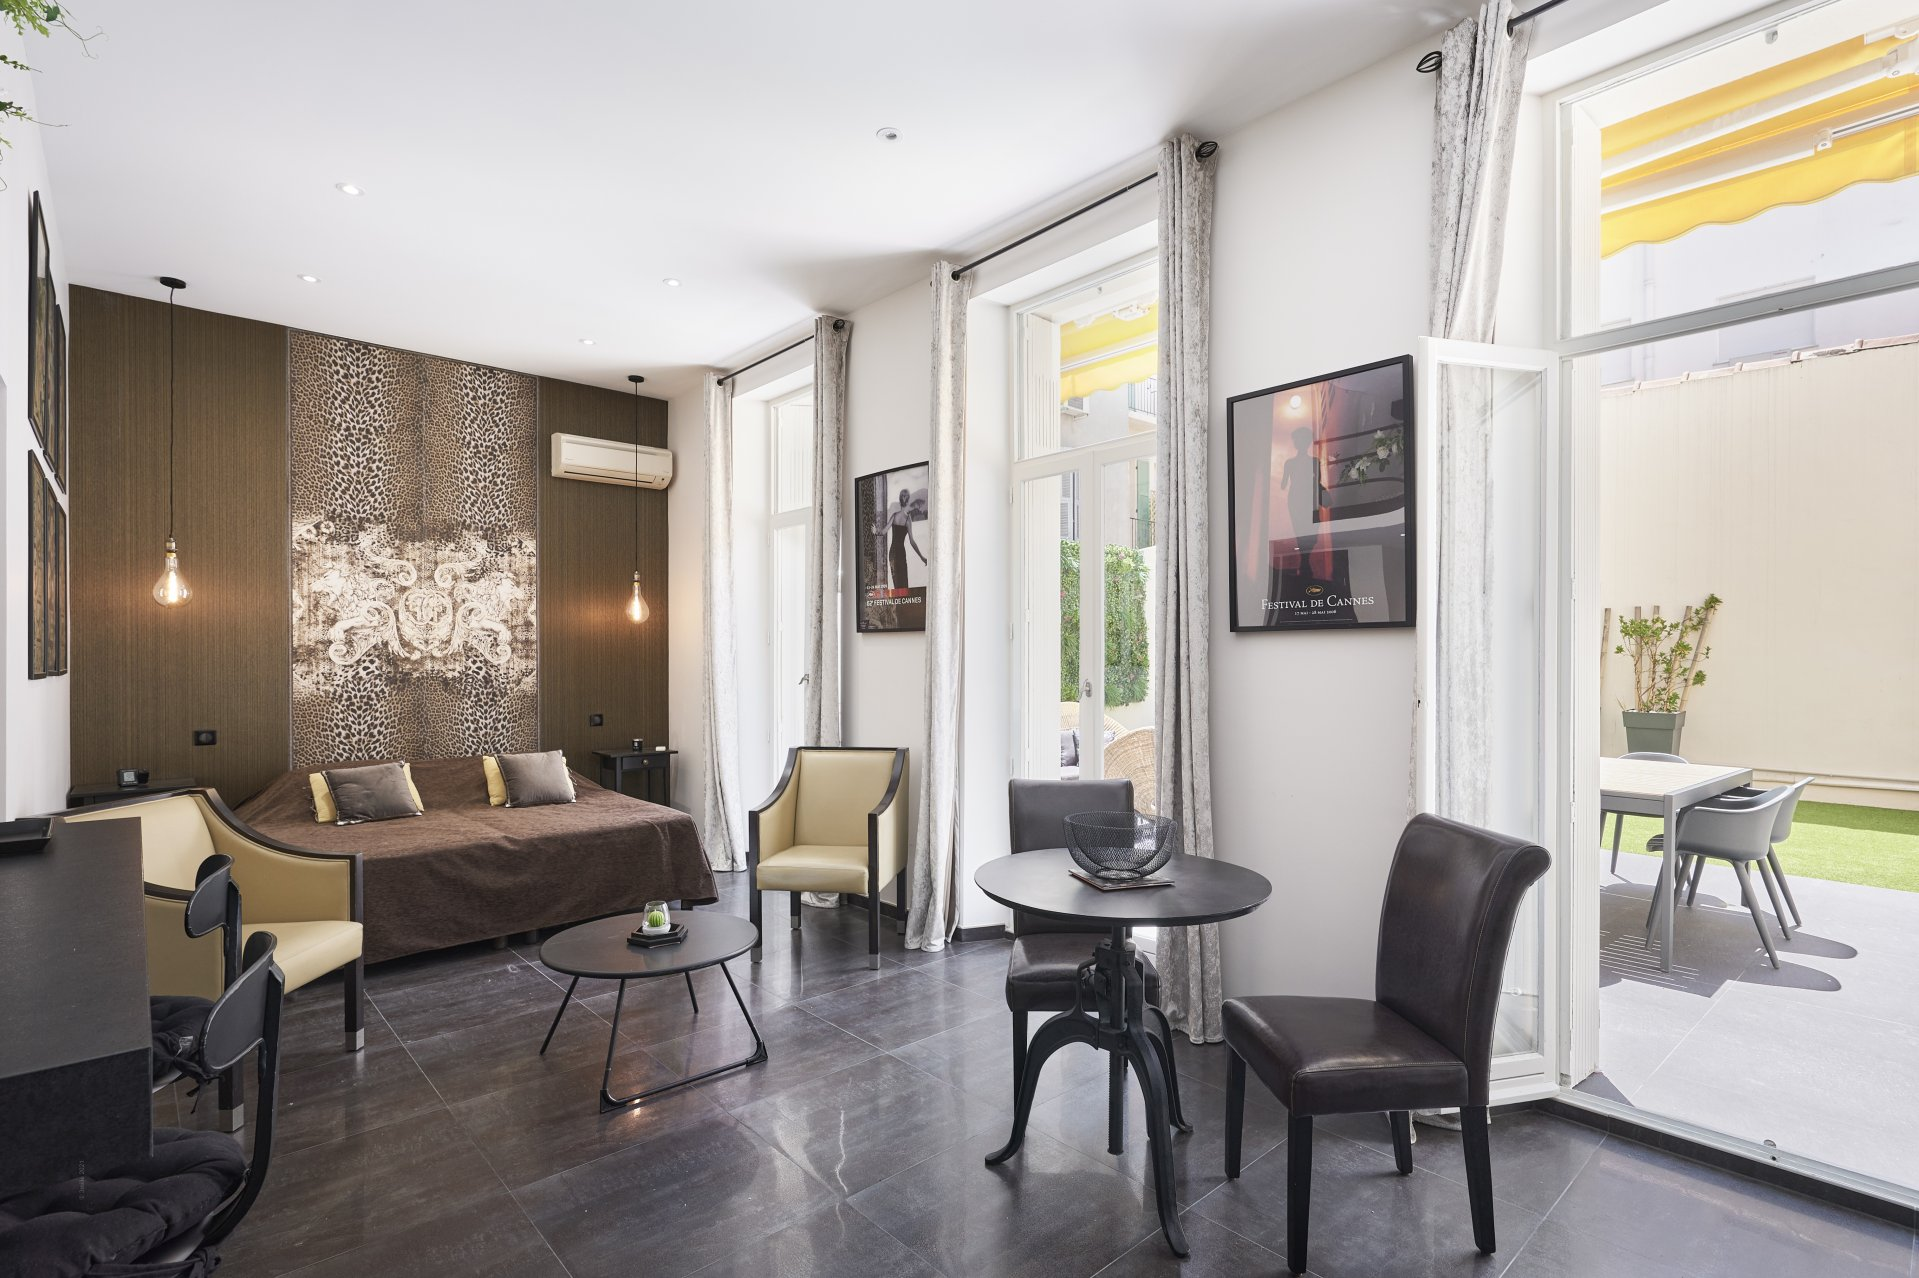 A vendre - Charmant appartement avec terrasse de 60m² - Cannes Banane